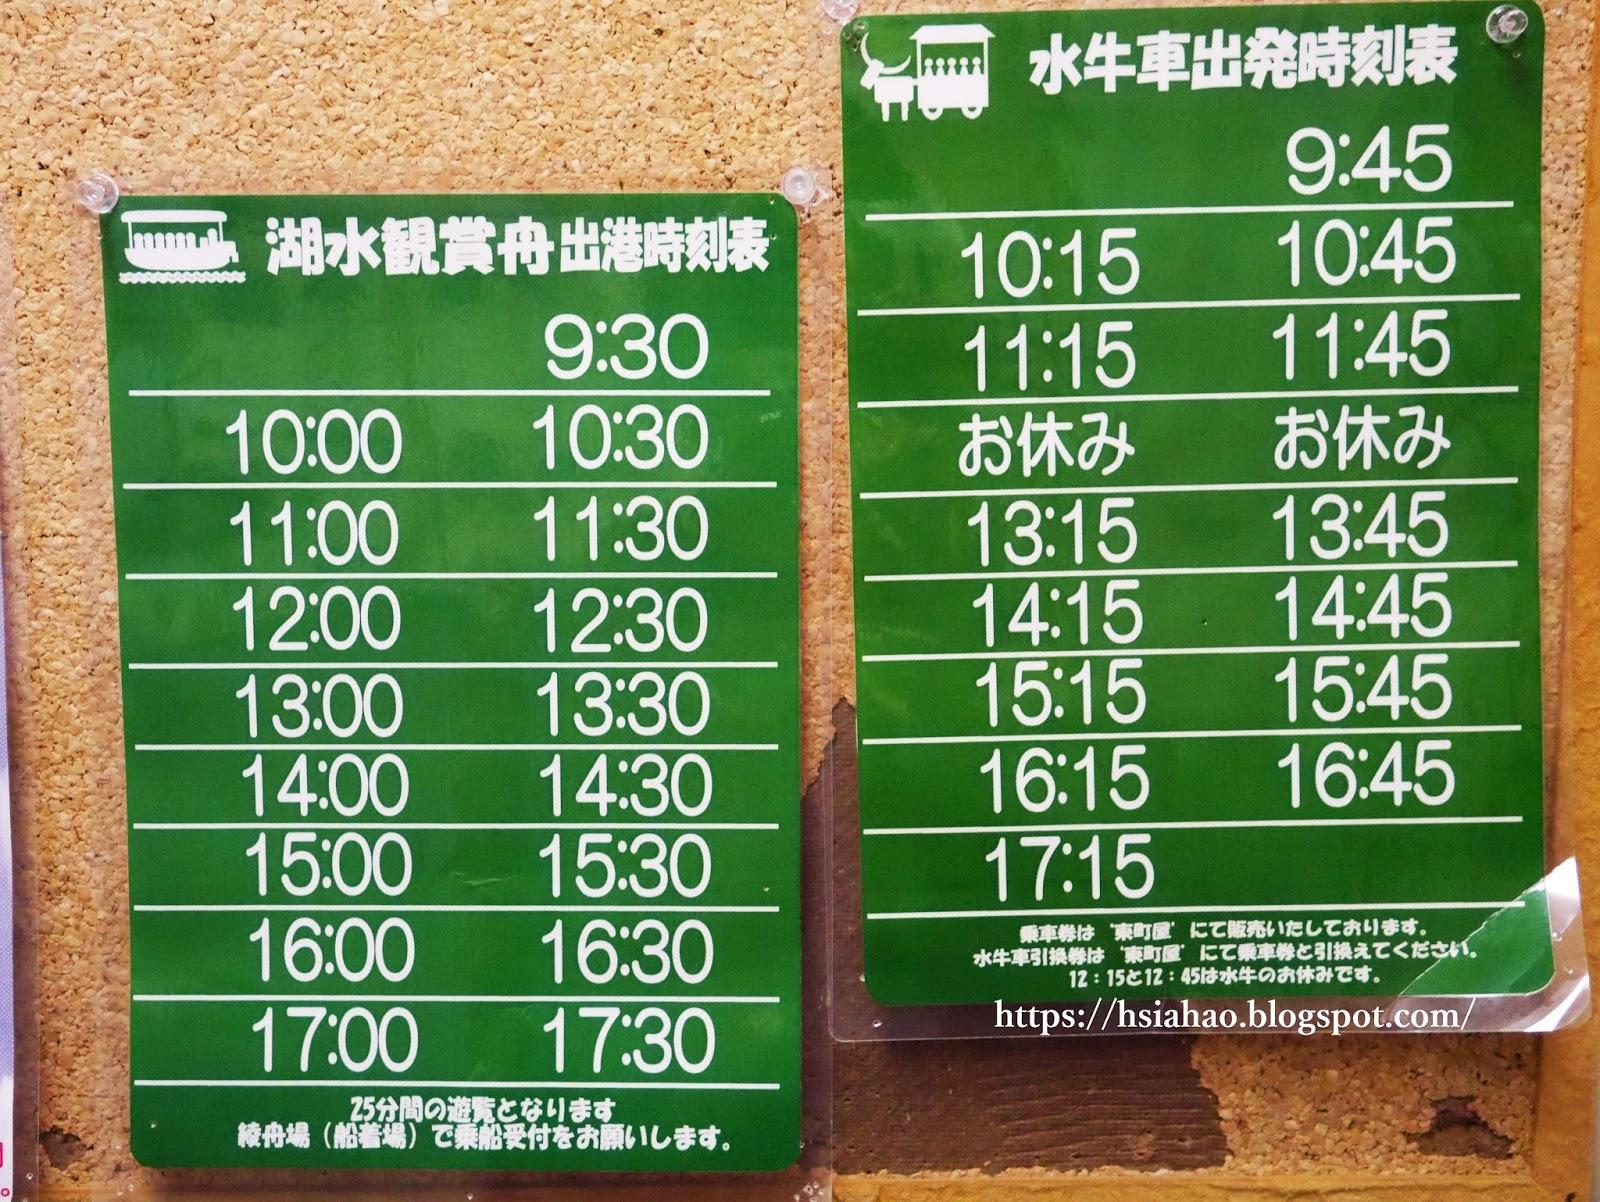 沖繩-推薦-景點-BIOS之丘-活動-自由行-旅遊-Okinawa-ビオスの丘-bios-hill